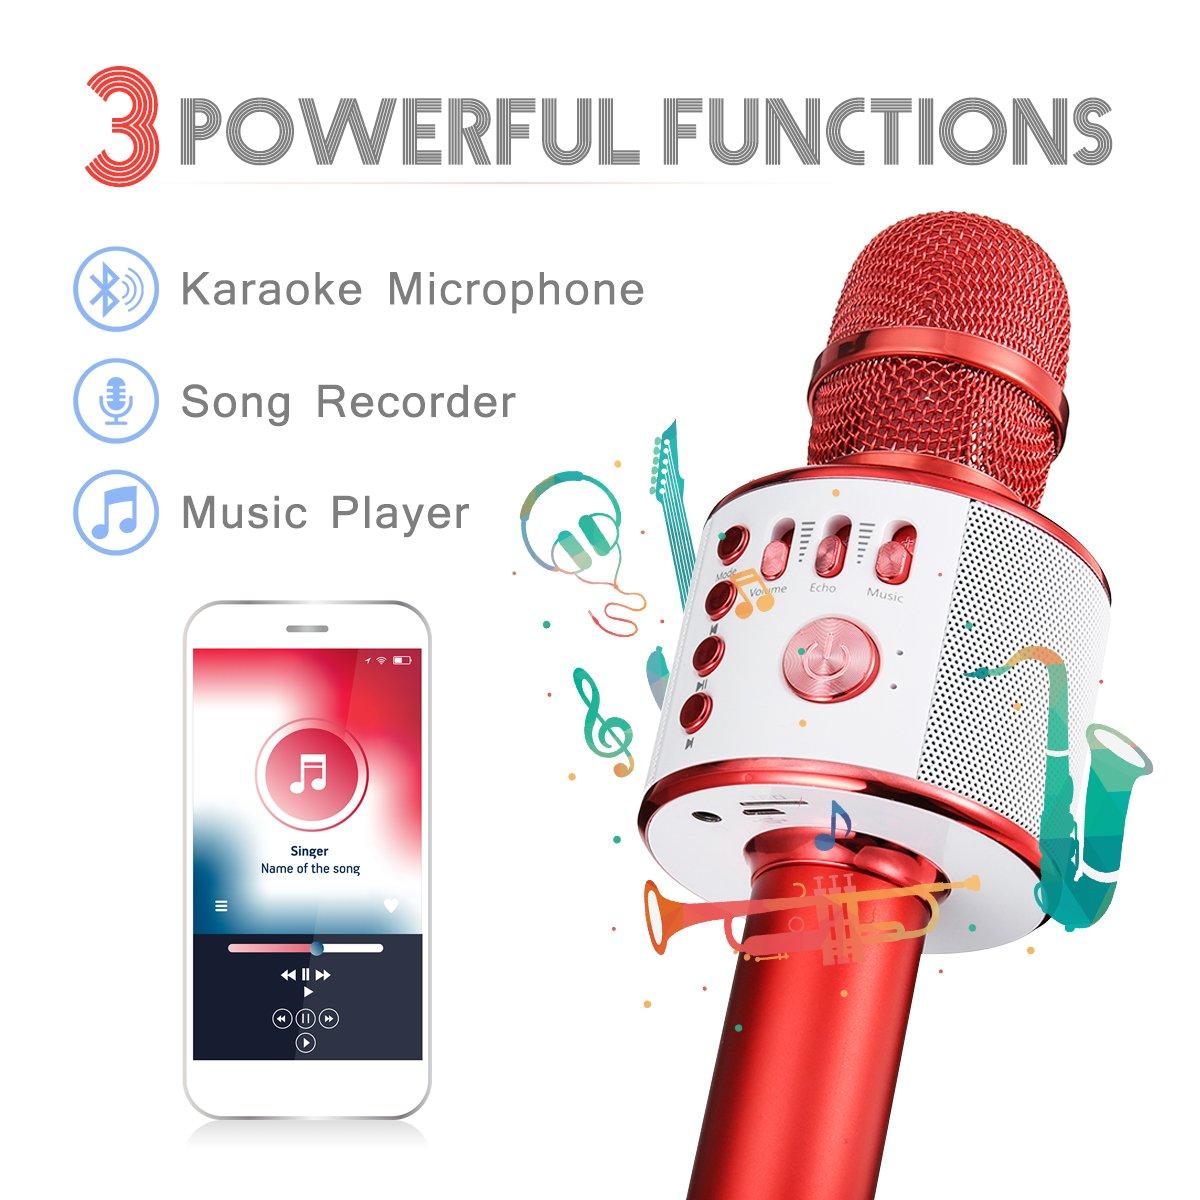 Compatible con Android//iOS Rojo PC y Smartphone NASUM Port/átil Micr/ófono Inal/ámbrica con Altavoz para Adultos y Ni/ños para Fiestas Conciertos bluetooth Karaoke Micr/ófono